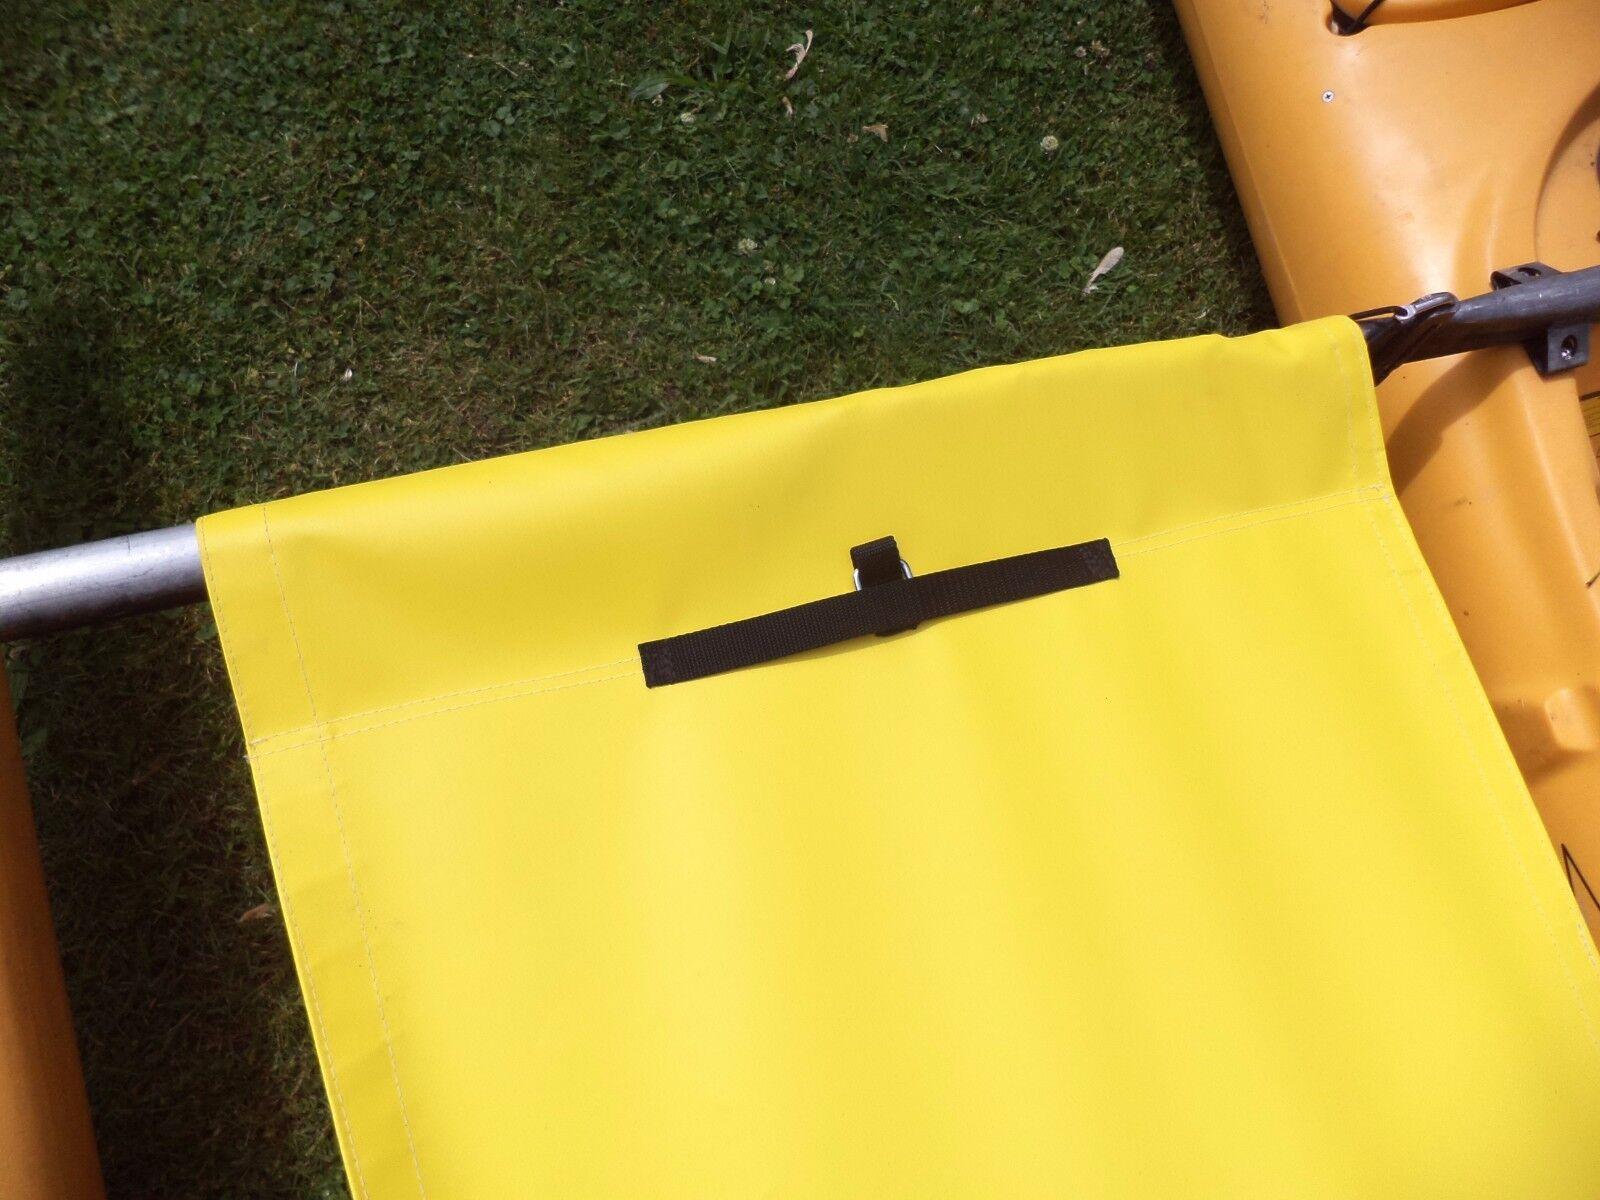 Gelb Hobie  Adventure Tandem    Trampoline & splash splash &  shield 2014 and older 8ef04d